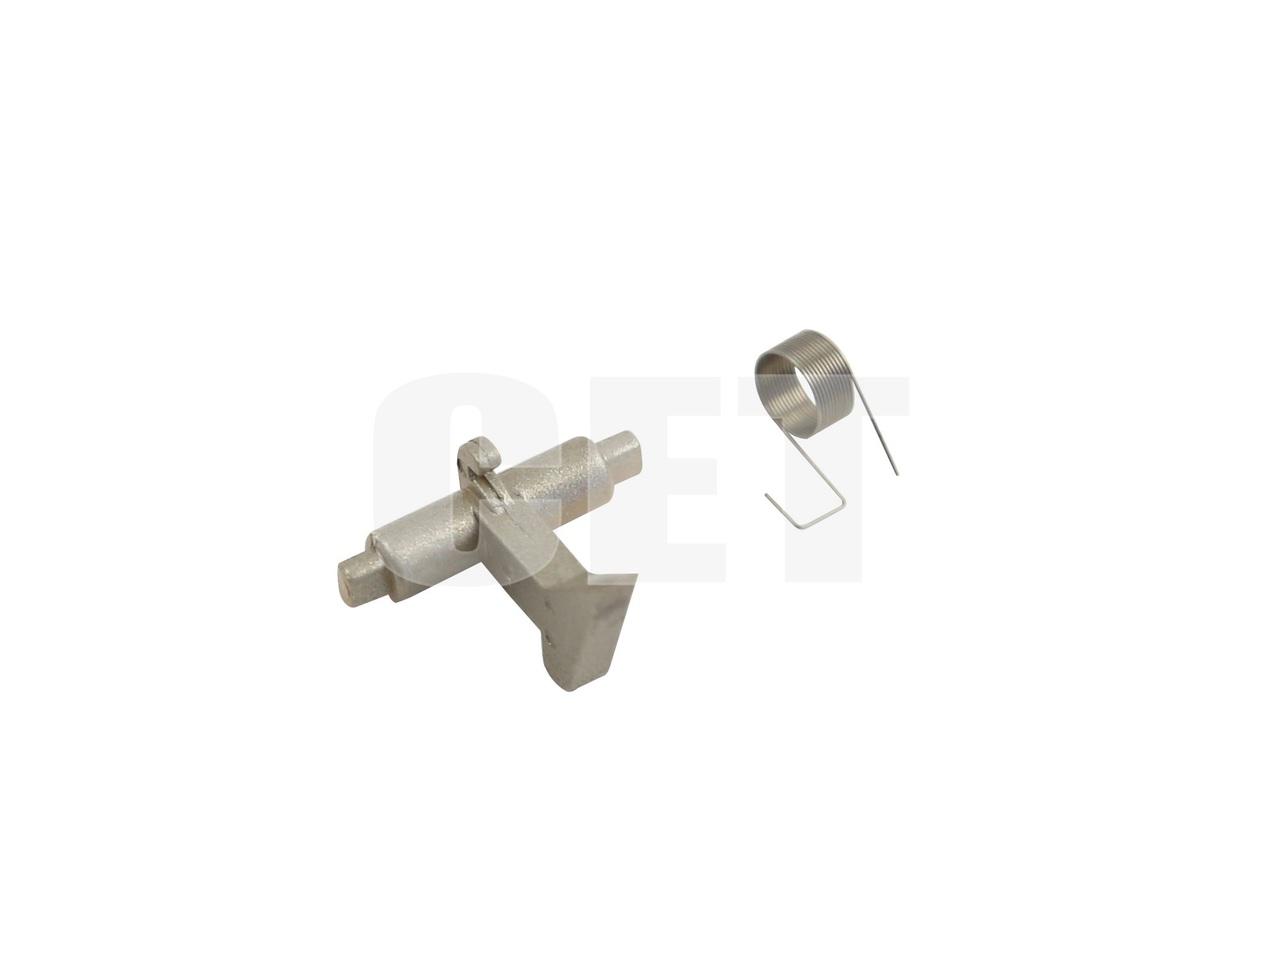 Сепаратор тефлонового вала с пружиной для KYOCERAECOSYS P3045dn/3050dn/M3040dn/3540dn/3550idn (CET),CET351004